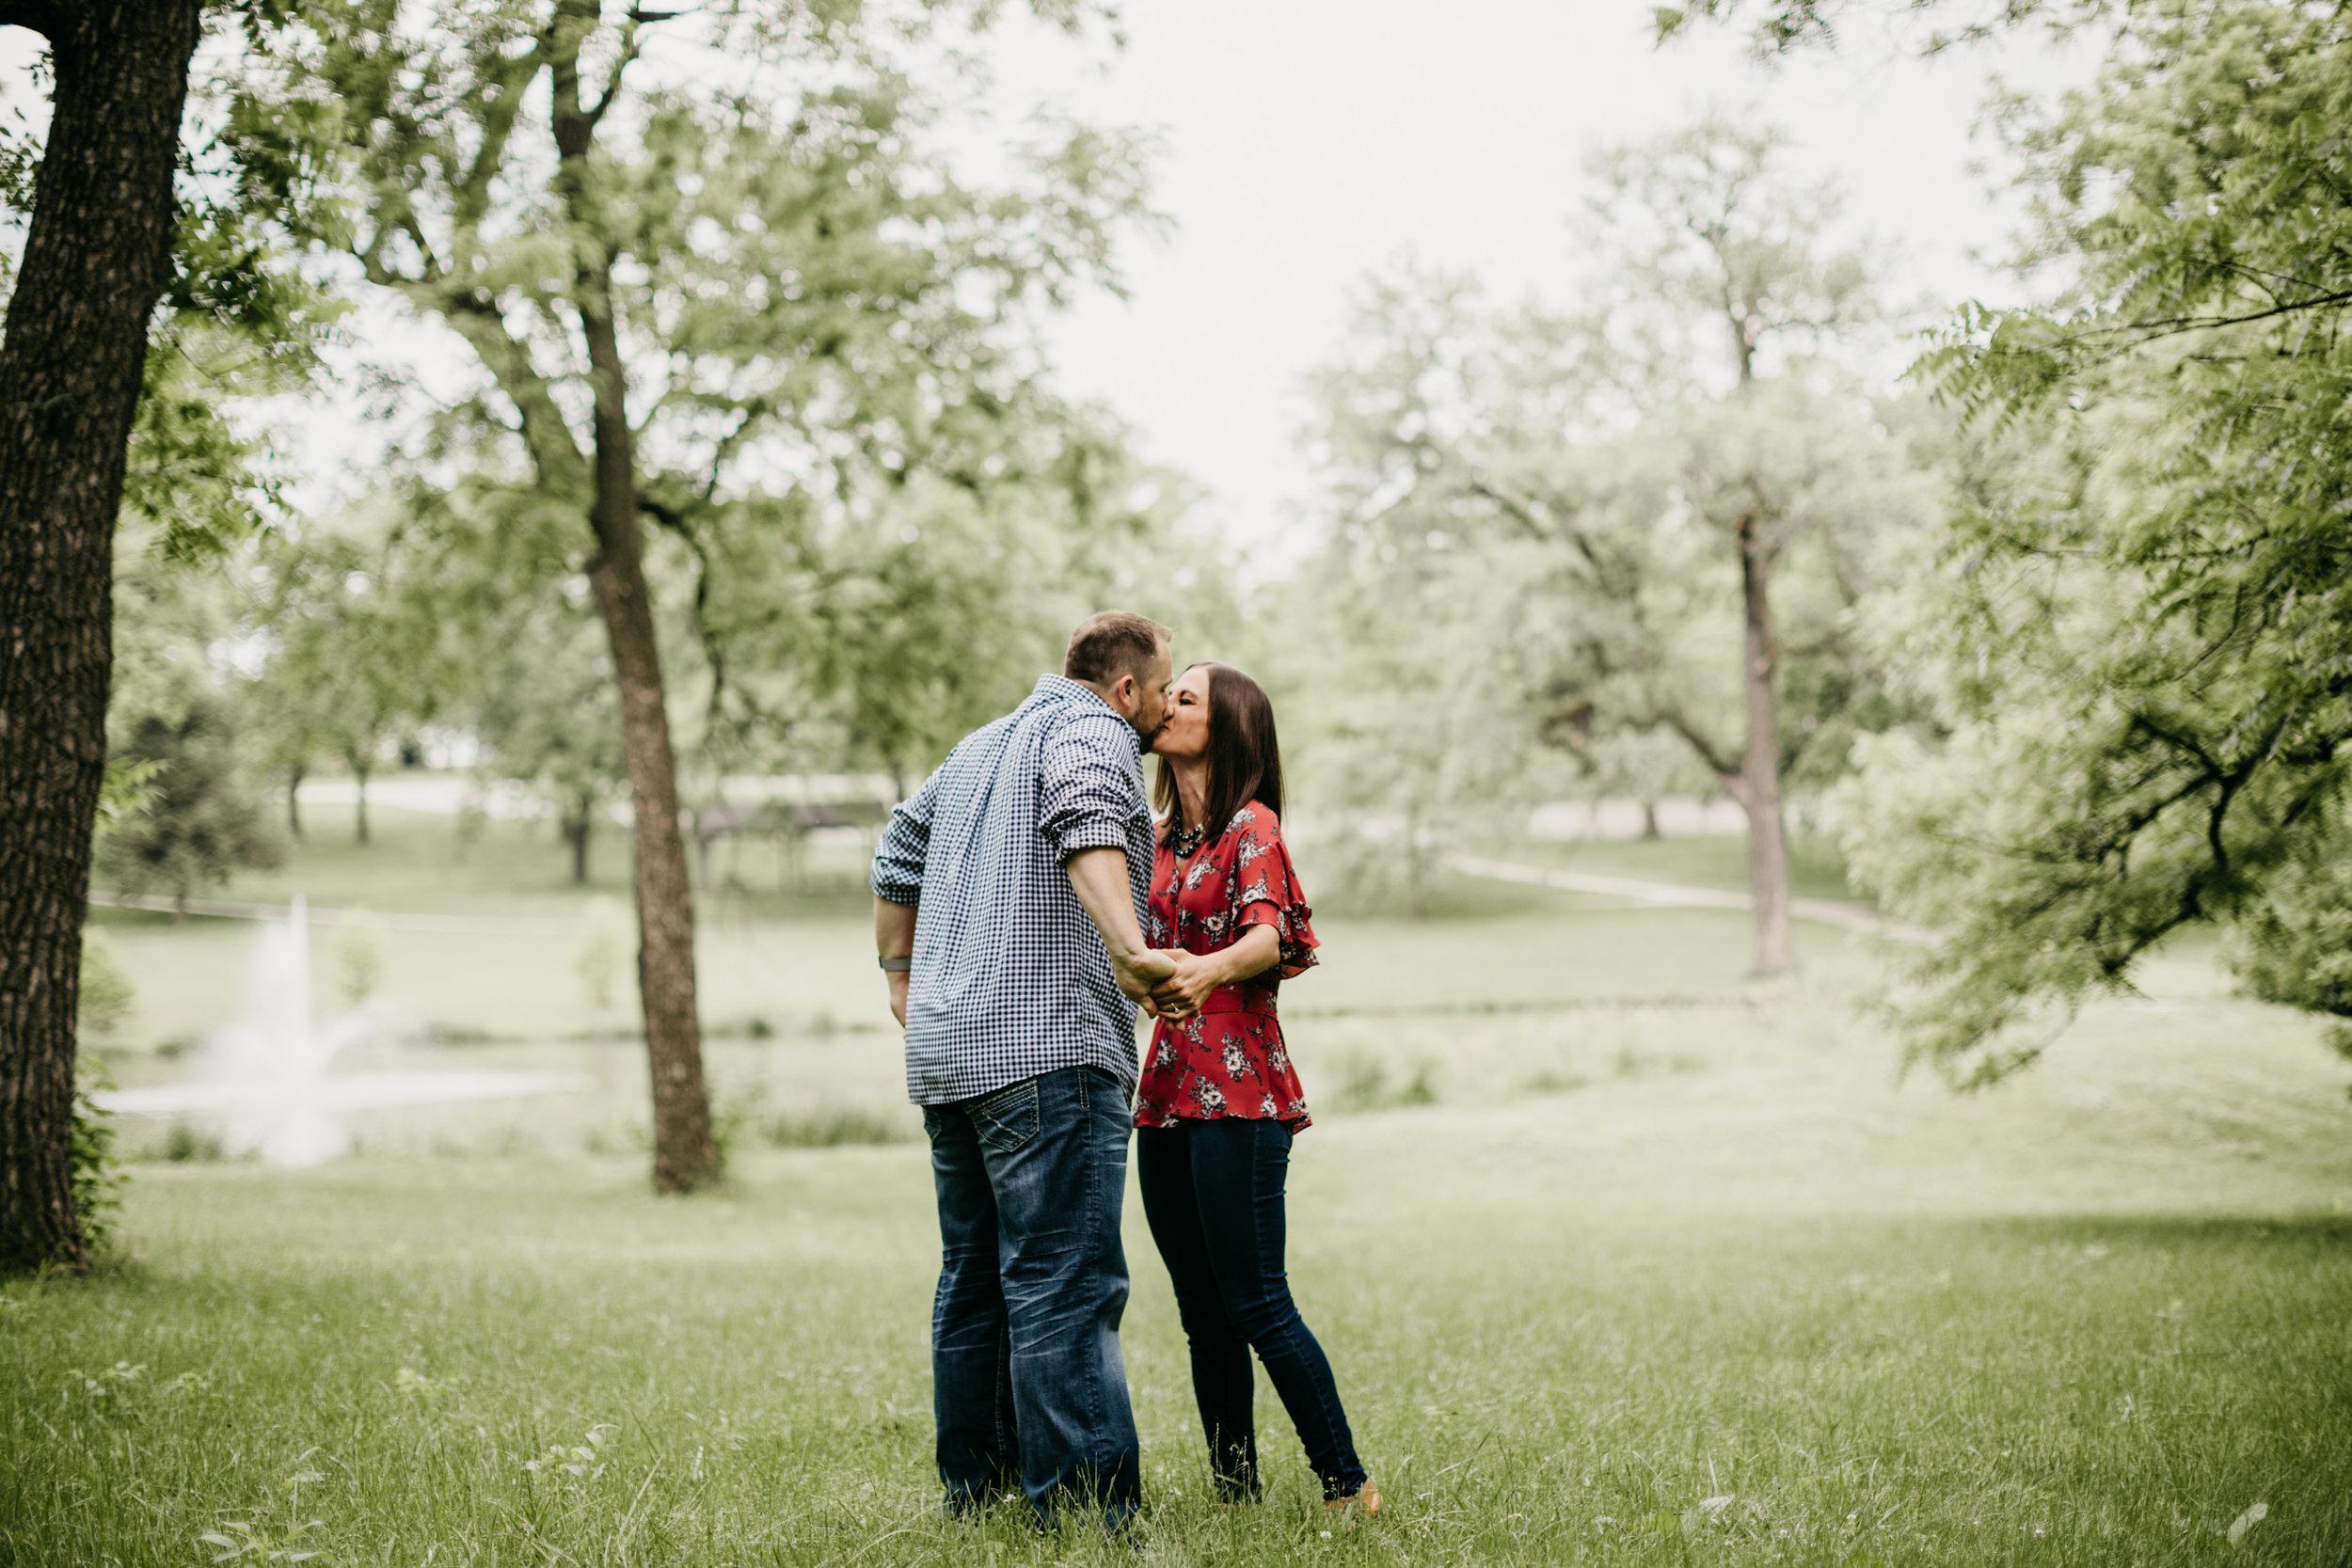 KaylaAndMichael-Engaged-13.jpg